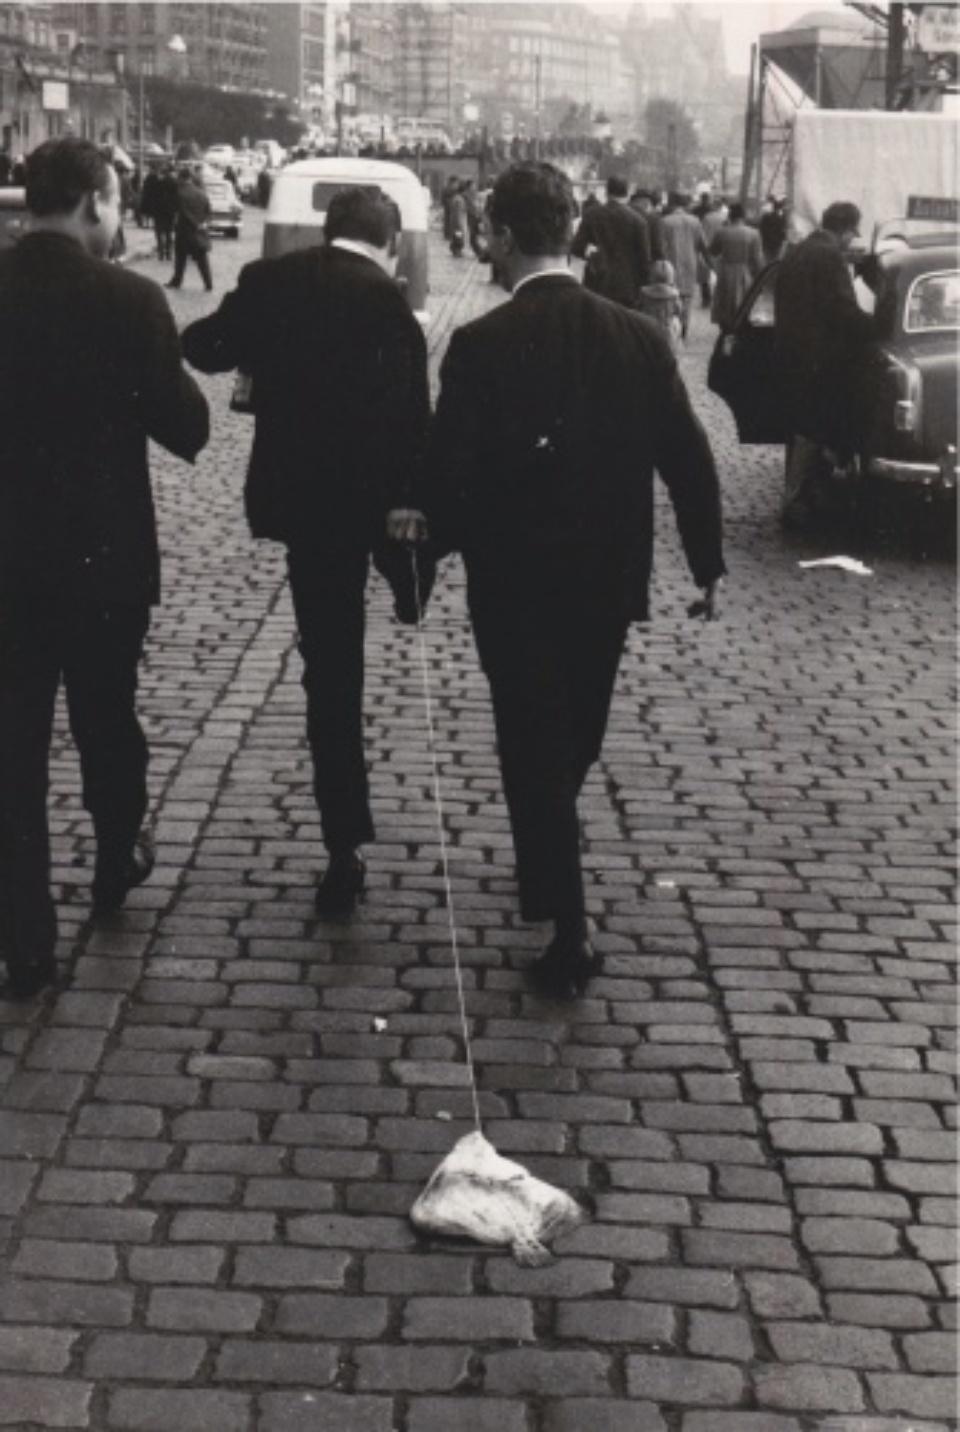 Robert Lebeck Eine Scholle an der Leine Fischmarkt, St. Pauli, 1962 Vintage gelatin silver print Signed, titled and dated on verso 20 x 29 cm